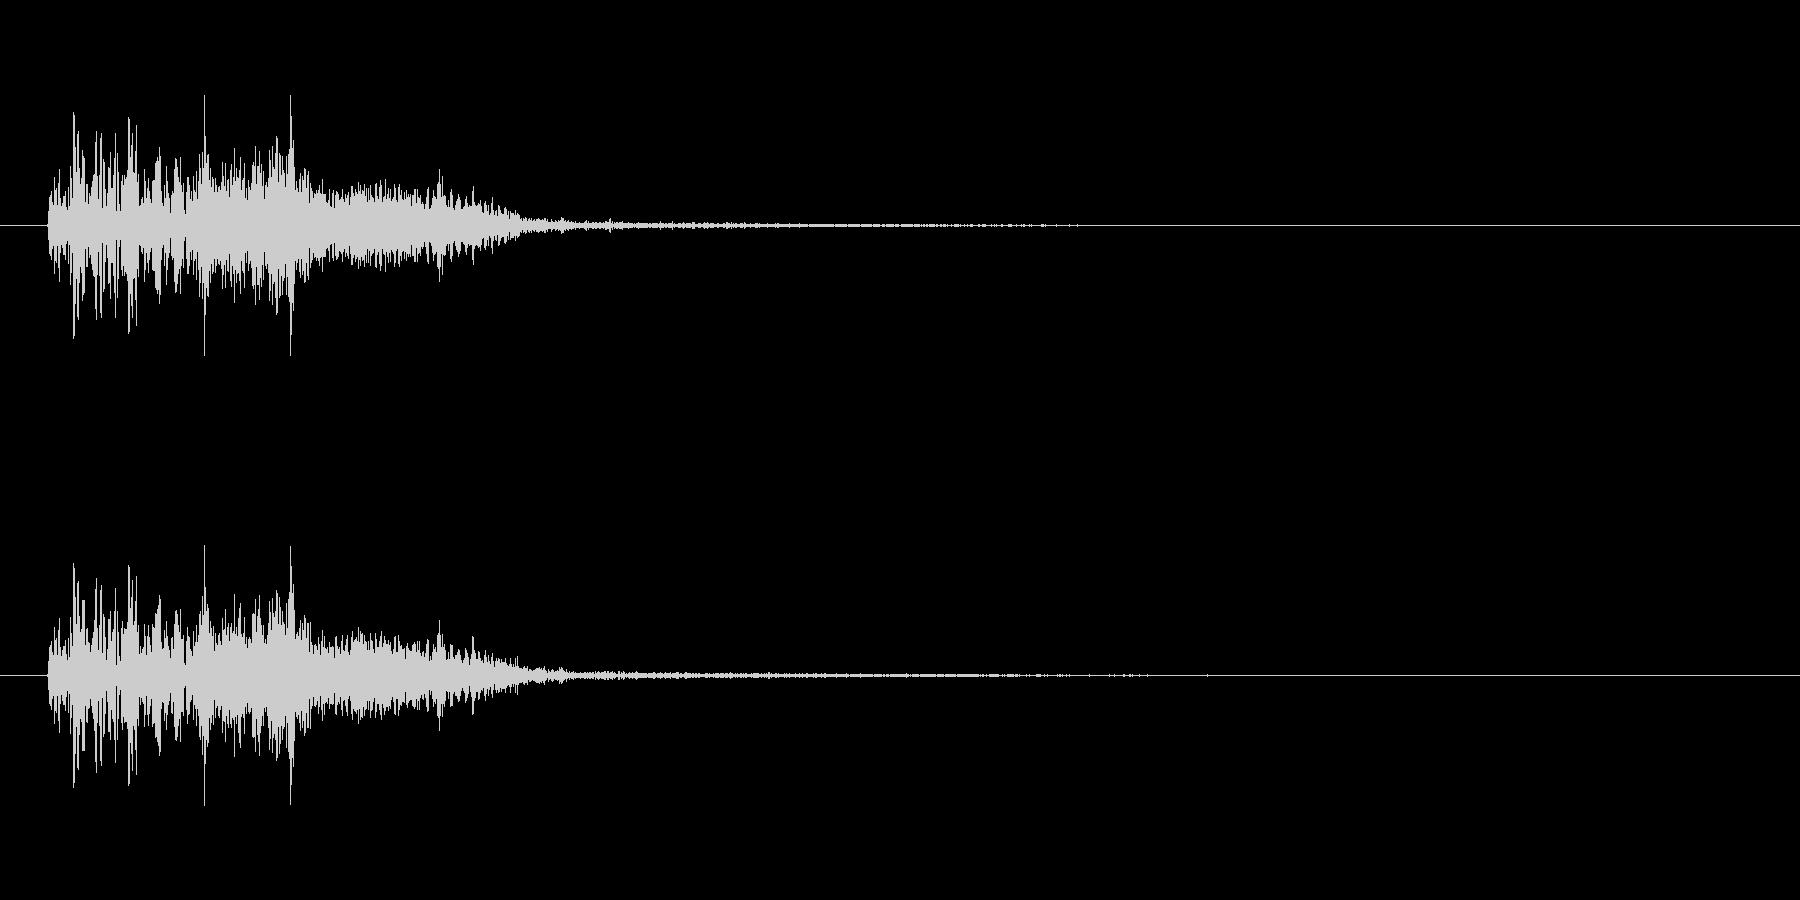 トゥルルルルル/アコギ上昇音、回復、電話の未再生の波形